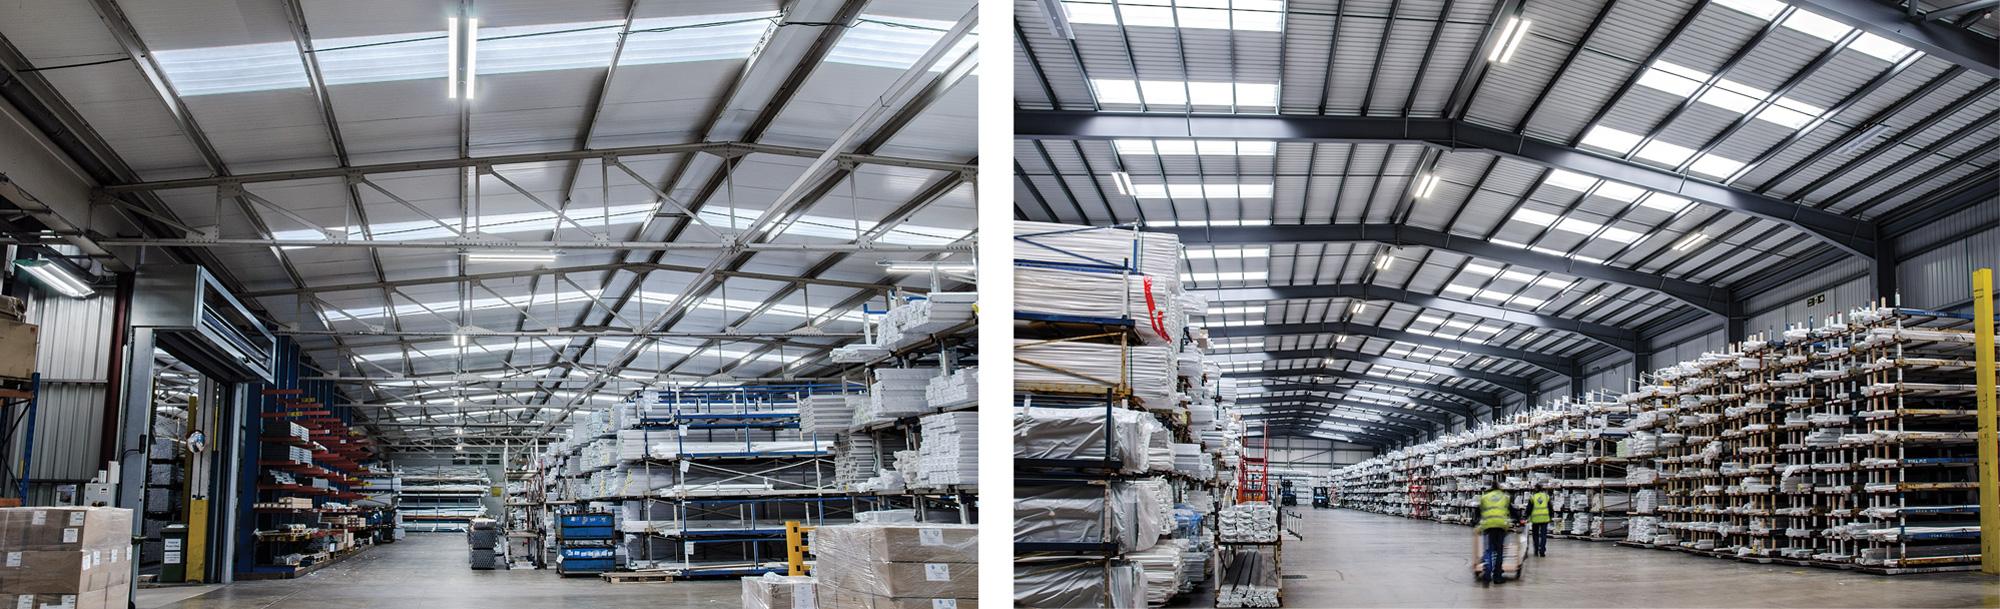 osvetlenie priemyselných a výrobných hál, závodov, skladov a exteriéru